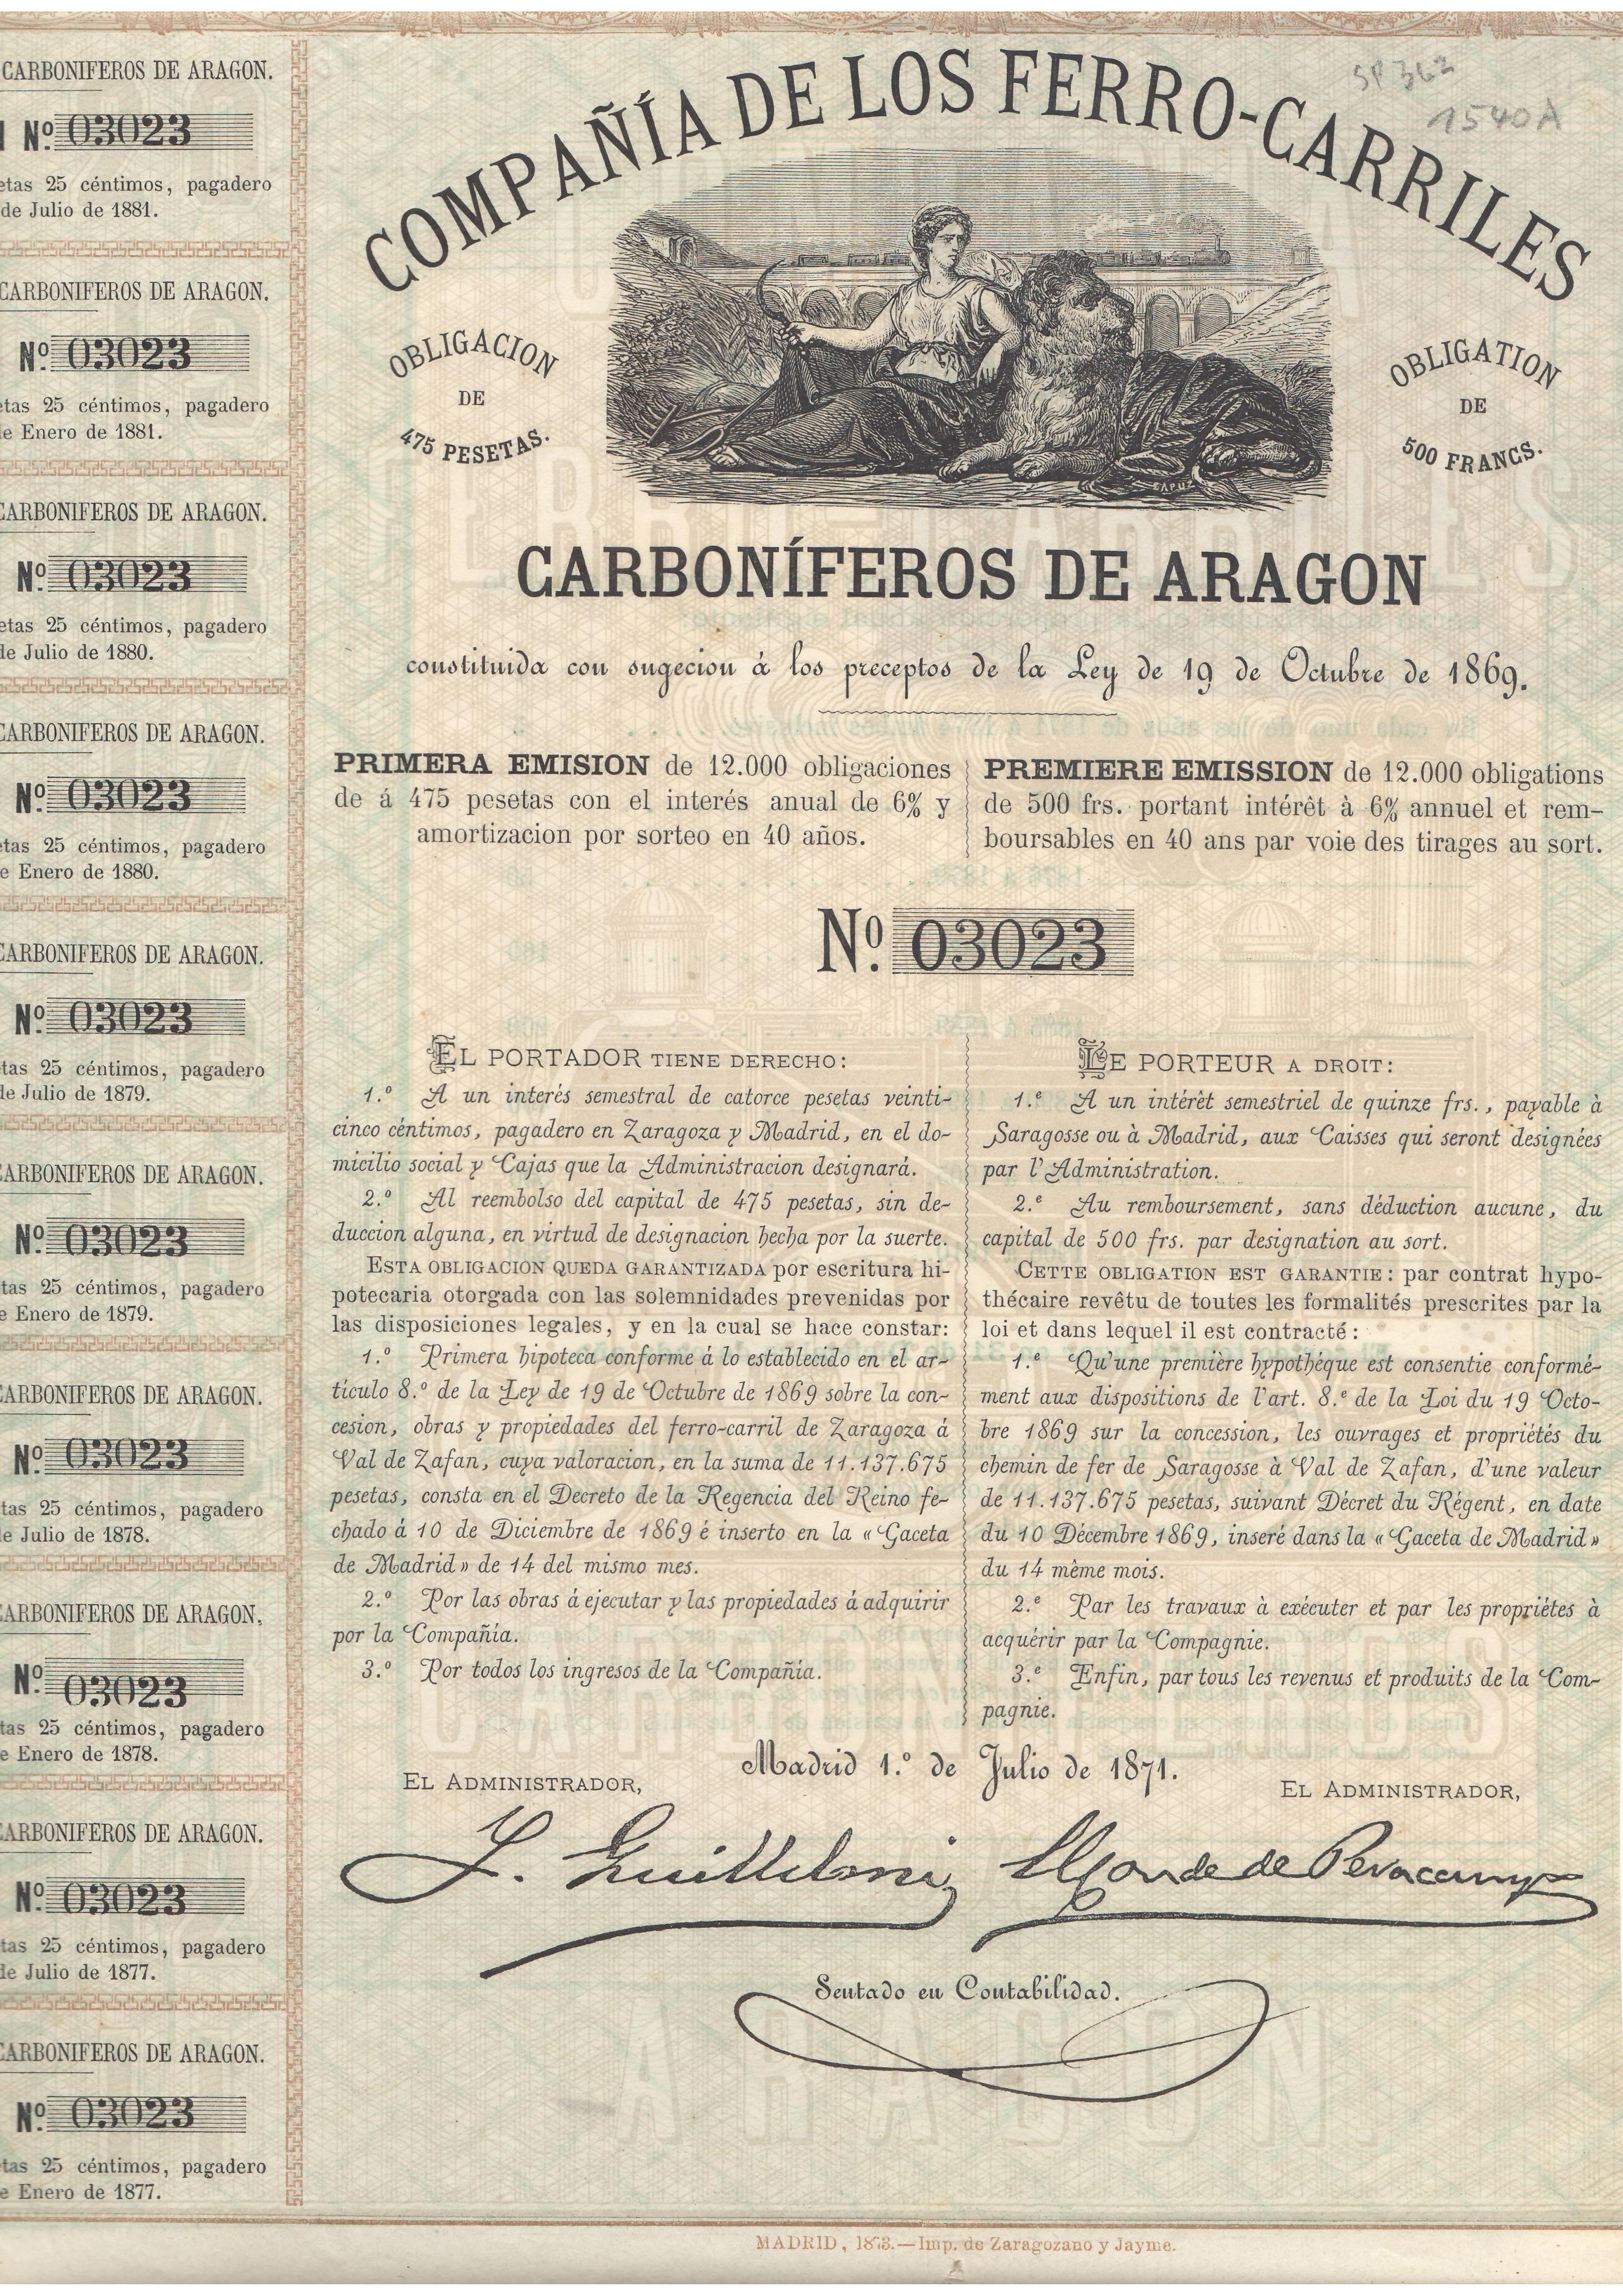 Compañía de los Ferrocarriles Carboníferos de Aragón